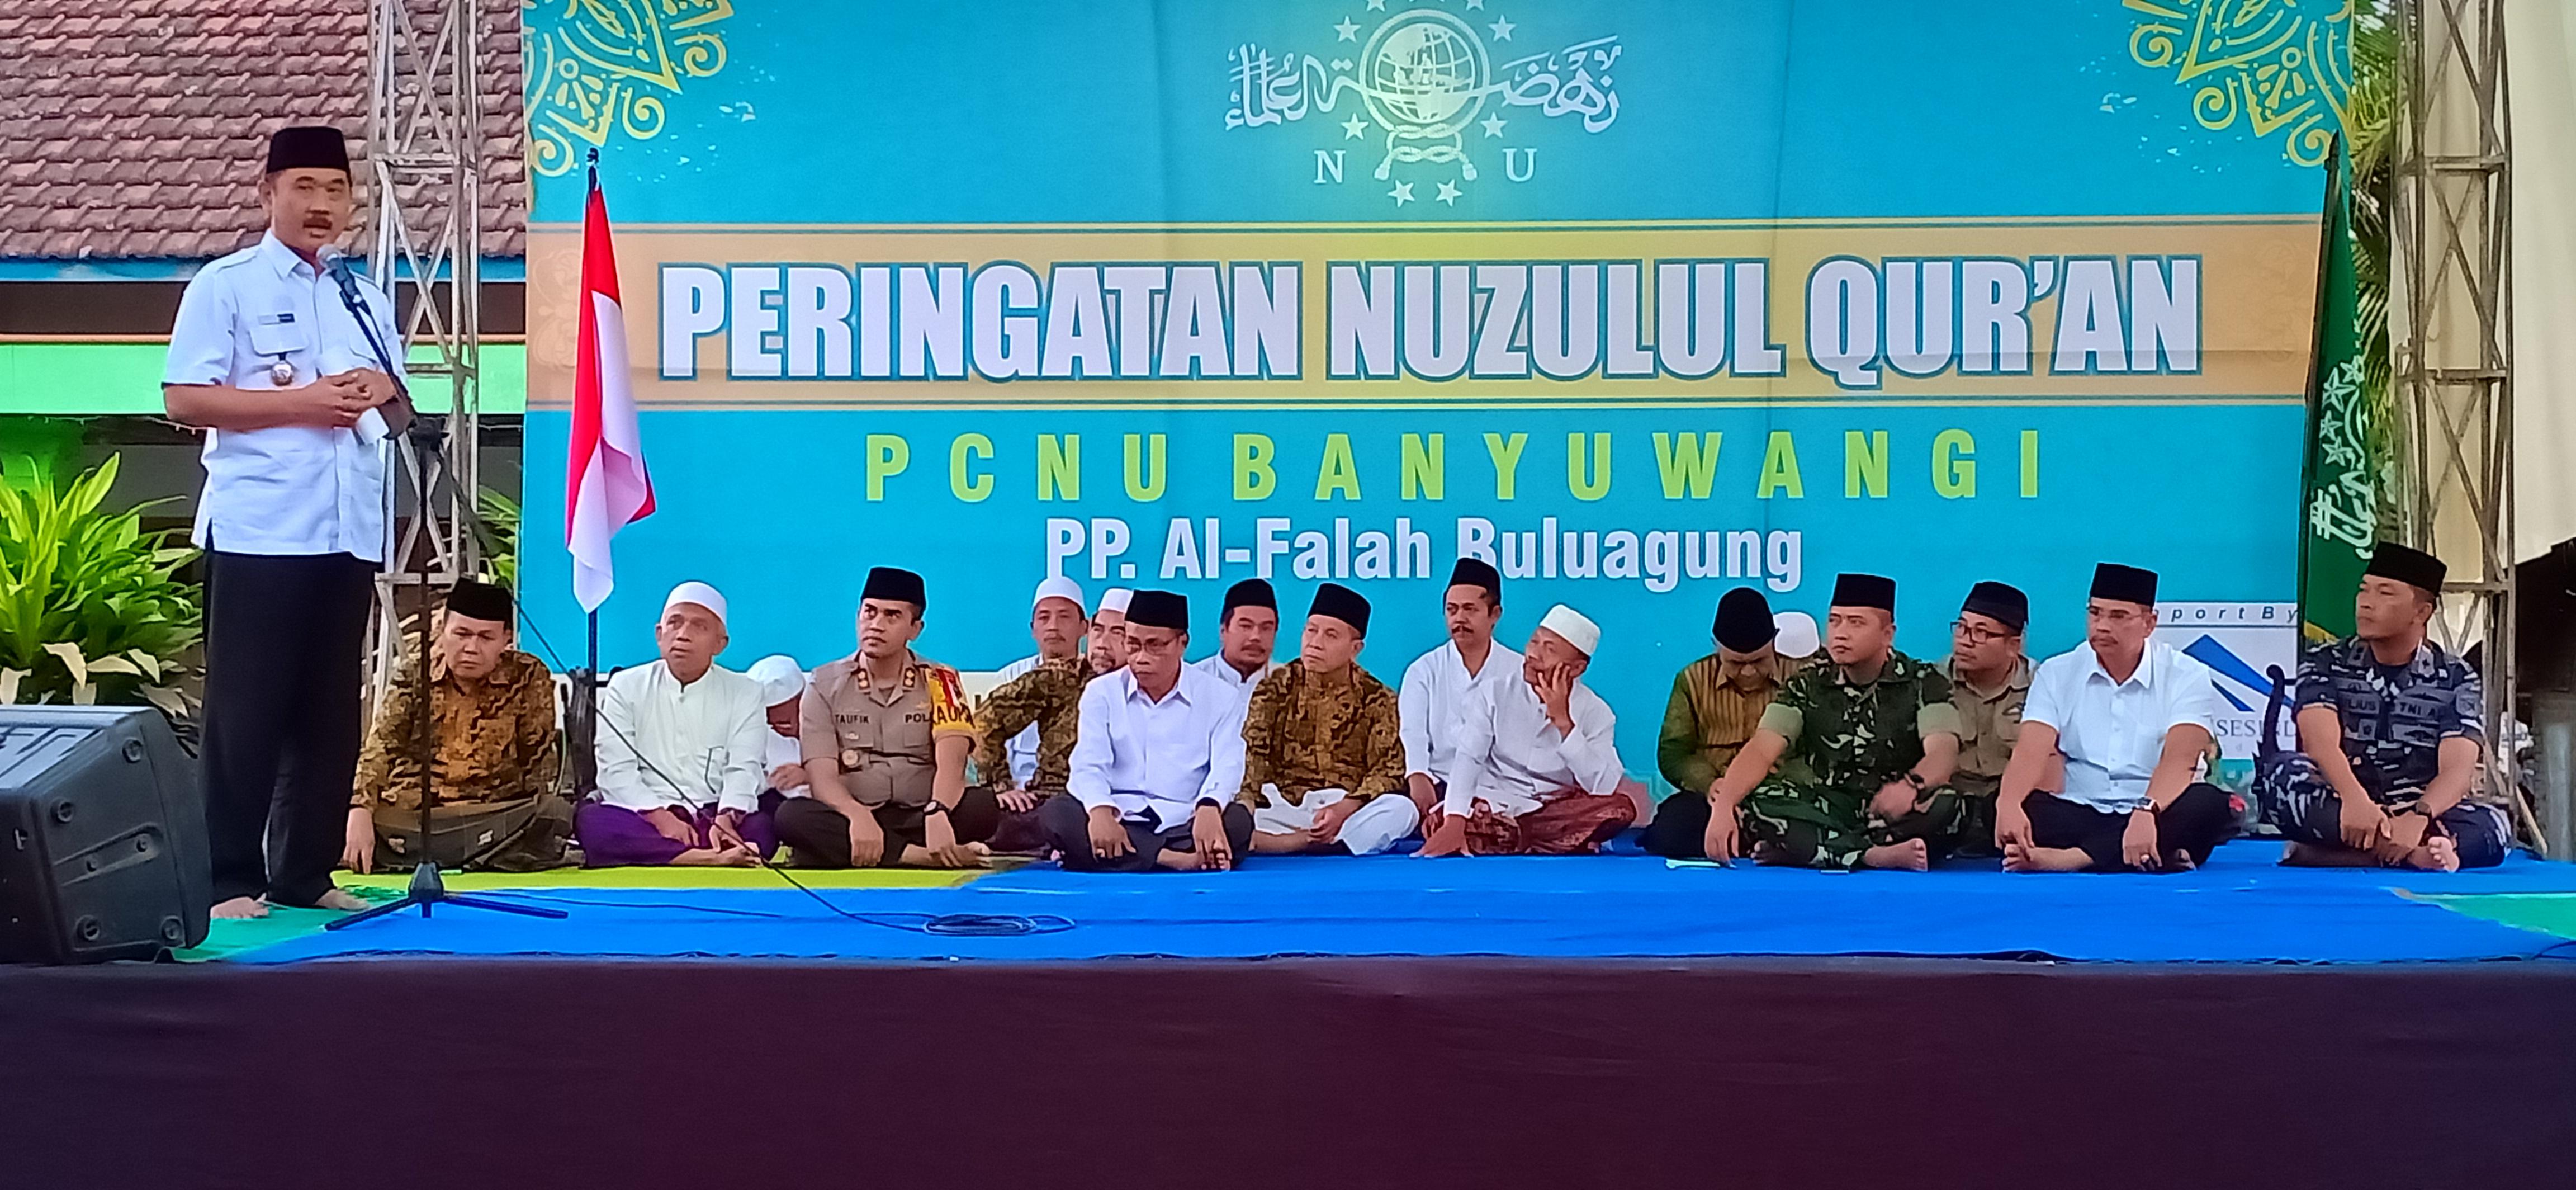 Ulama dan Umara Banyuwangi dalam acara peringatan Nuzulul Quran